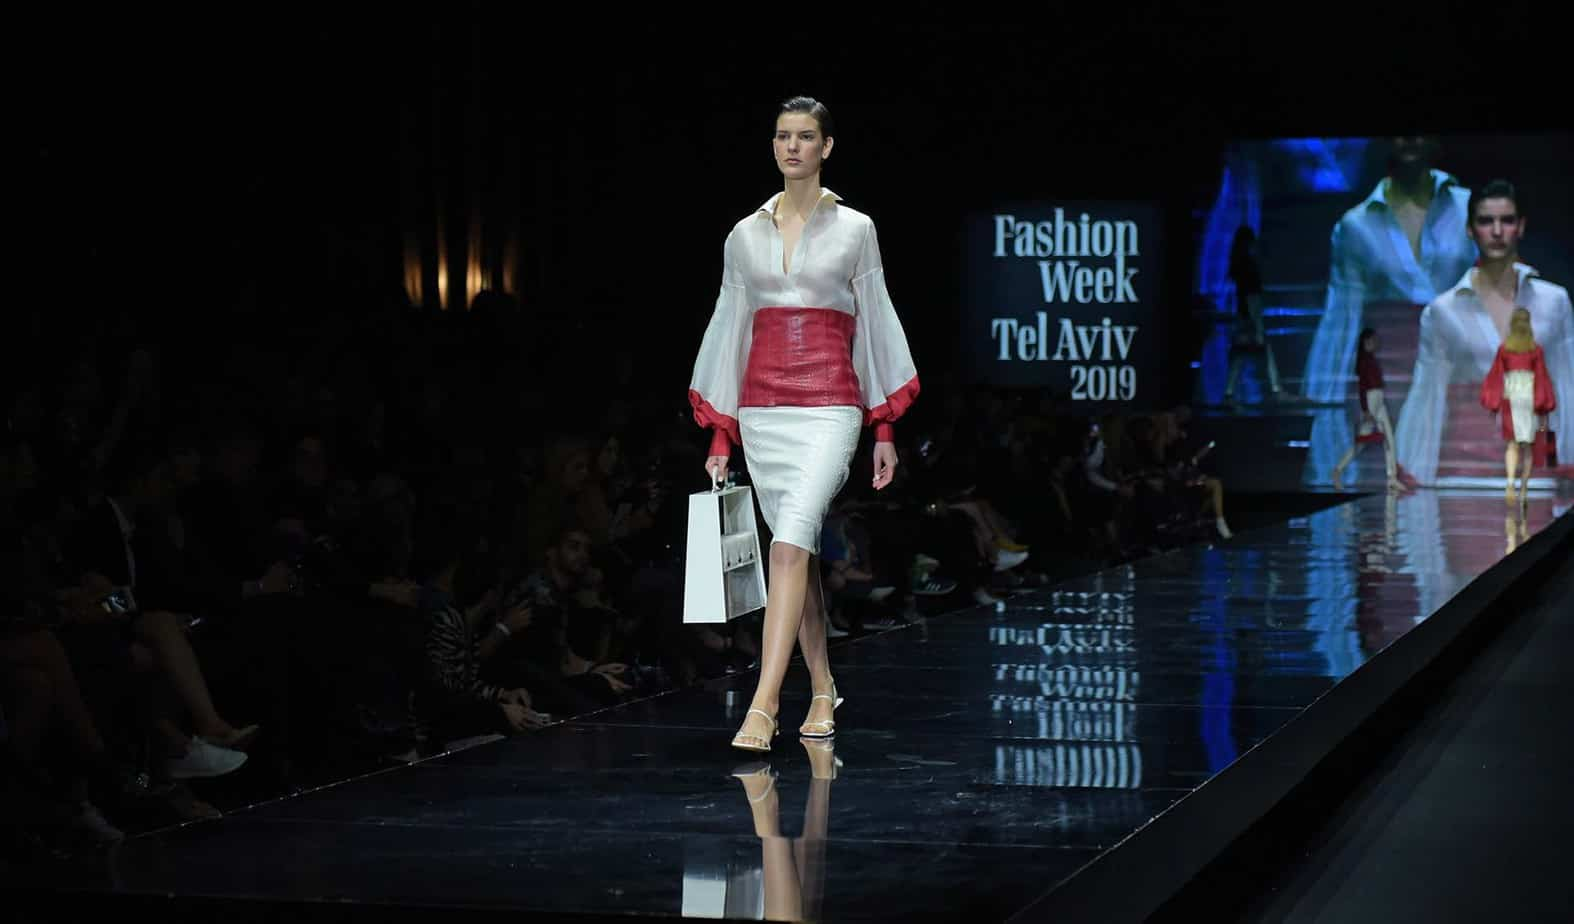 שי שלום. שבוע האופנה תל אביב 2019. צילום סרג'ו סטרודובצב - 10